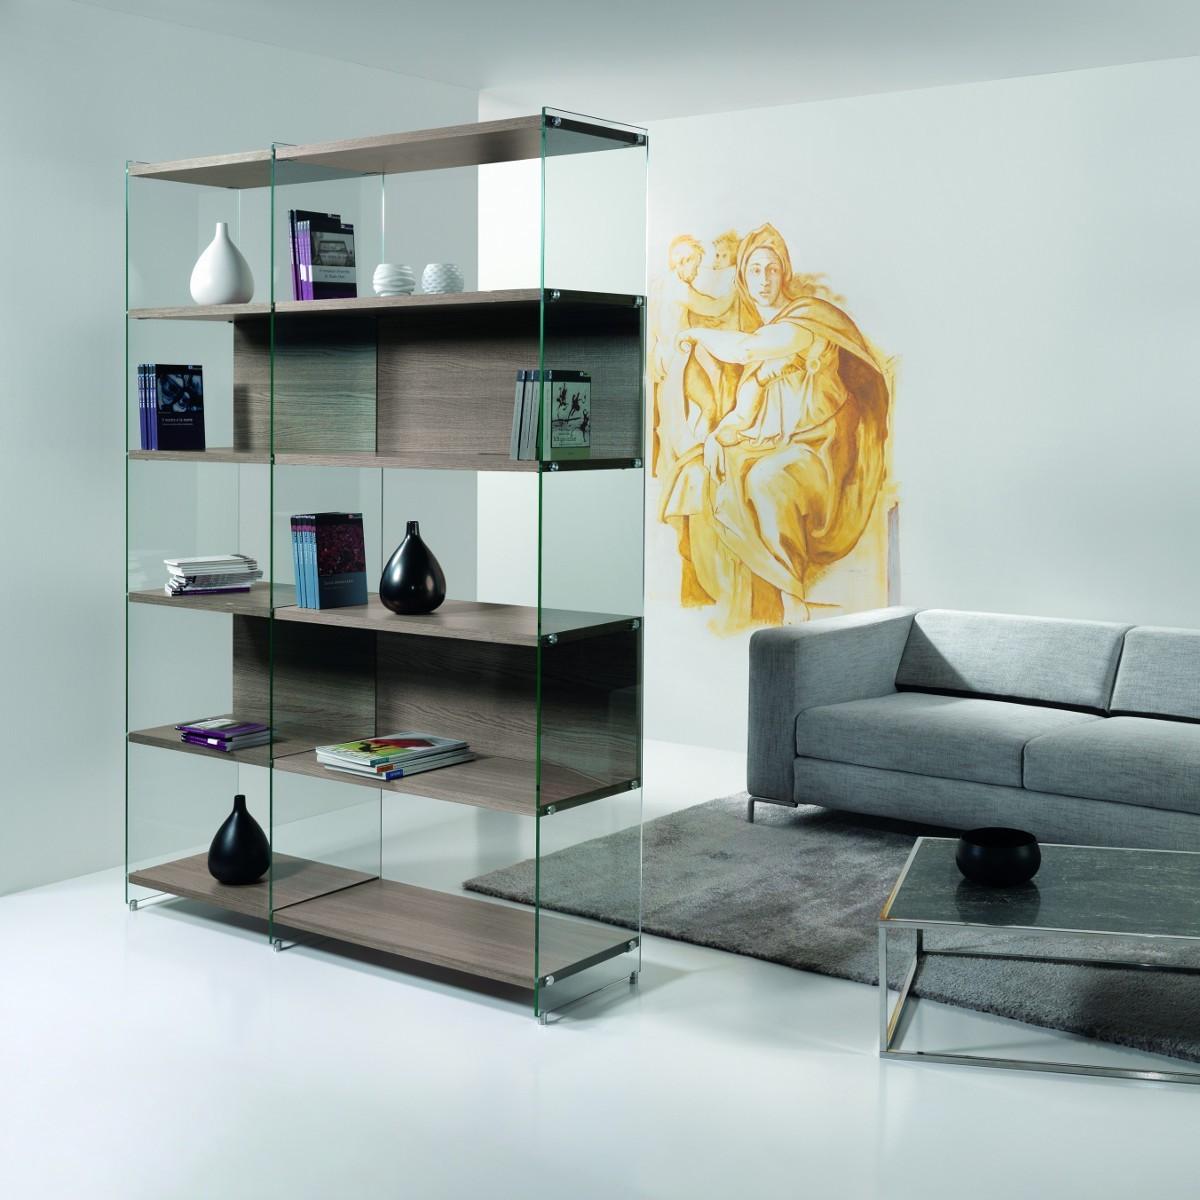 Beautiful Librerie Divisorie Soggiorno Ideas - Idee Arredamento Casa ...